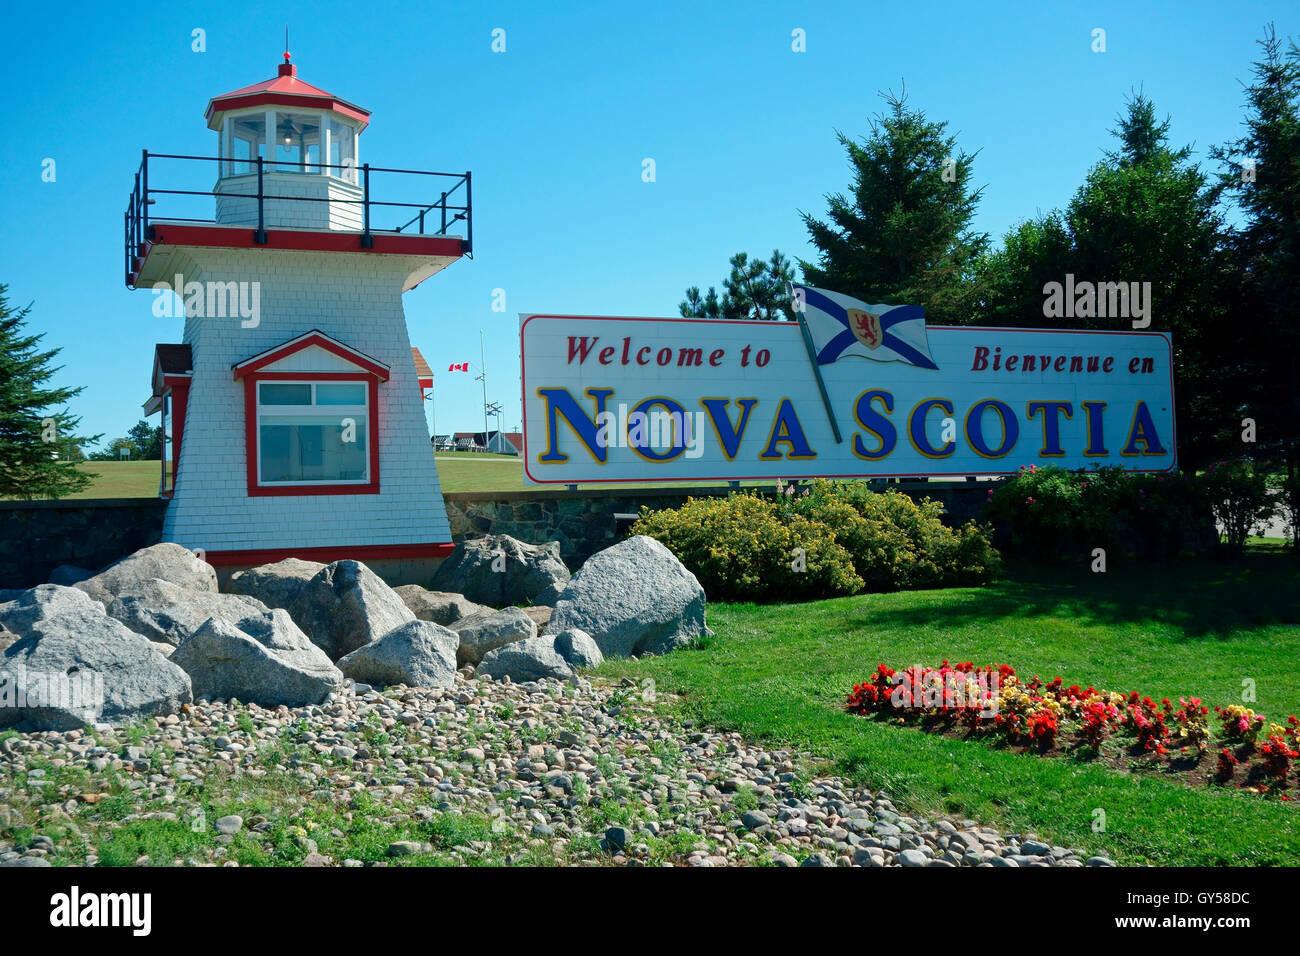 La Nouvelle-Écosse Canada passage frontalier à Nouveau-brunswick montrant un phare et signe de bienvenue Photo Stock